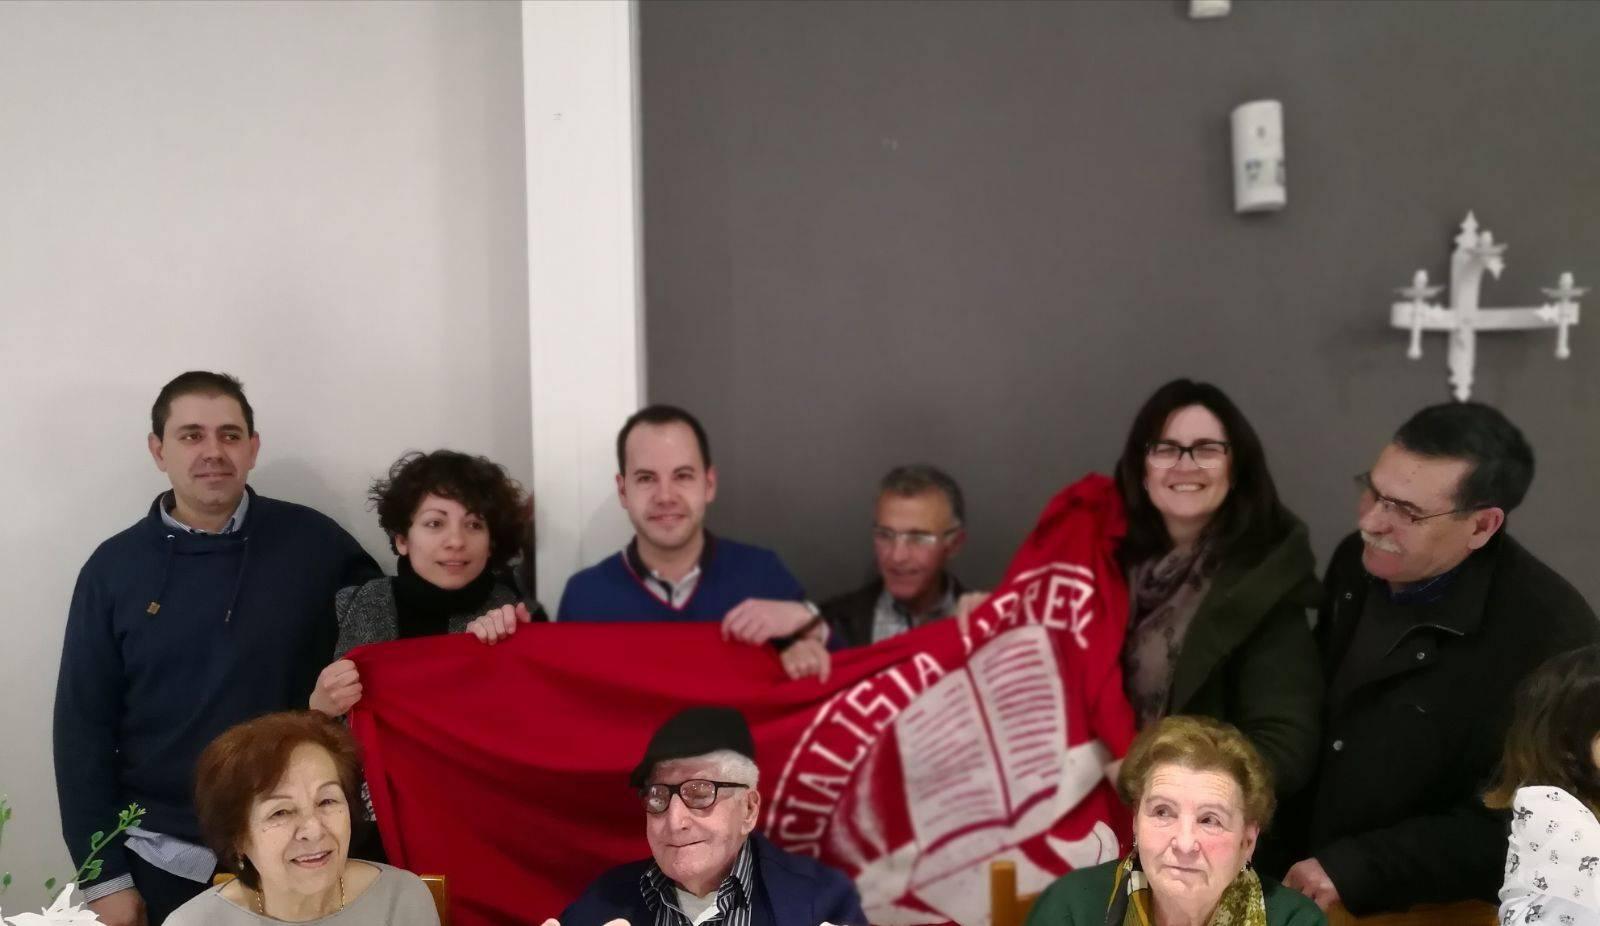 Los socialistas de Herencia celebran el 101 cumpleaños de Manuel Gallego-Nicasio 5